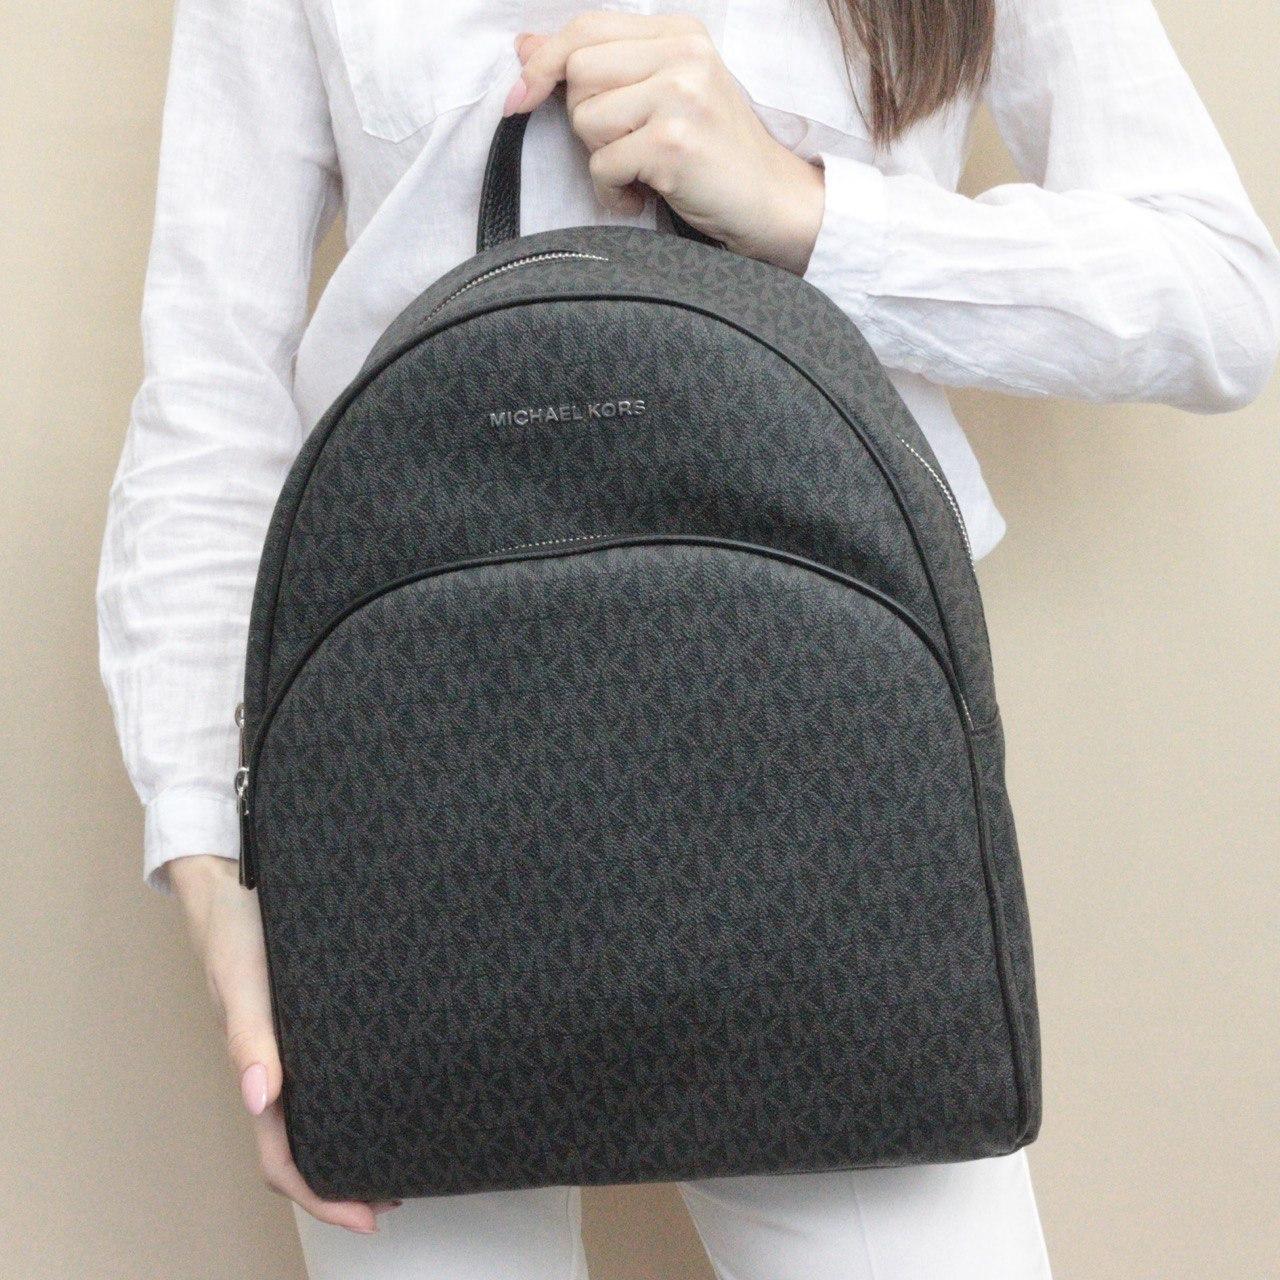 Рюкзак Michael Kors ABBEY LG Backpack мужской